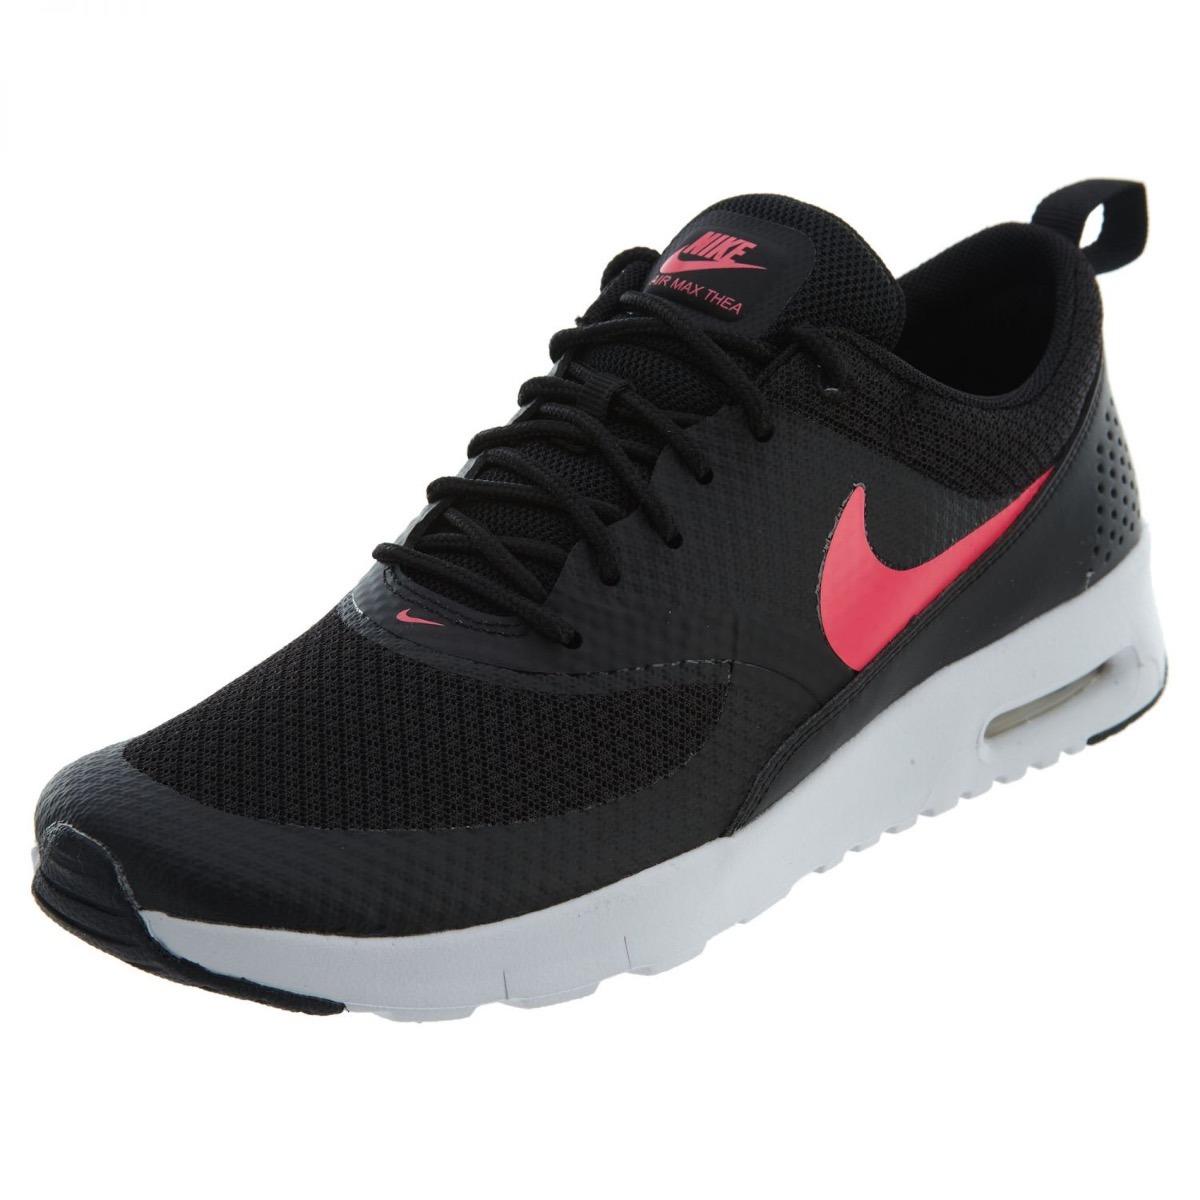 ... buy tenis nike air max thea negro mujer 814444 009 look trendy. cargando  zoom. b3d81017dabc3